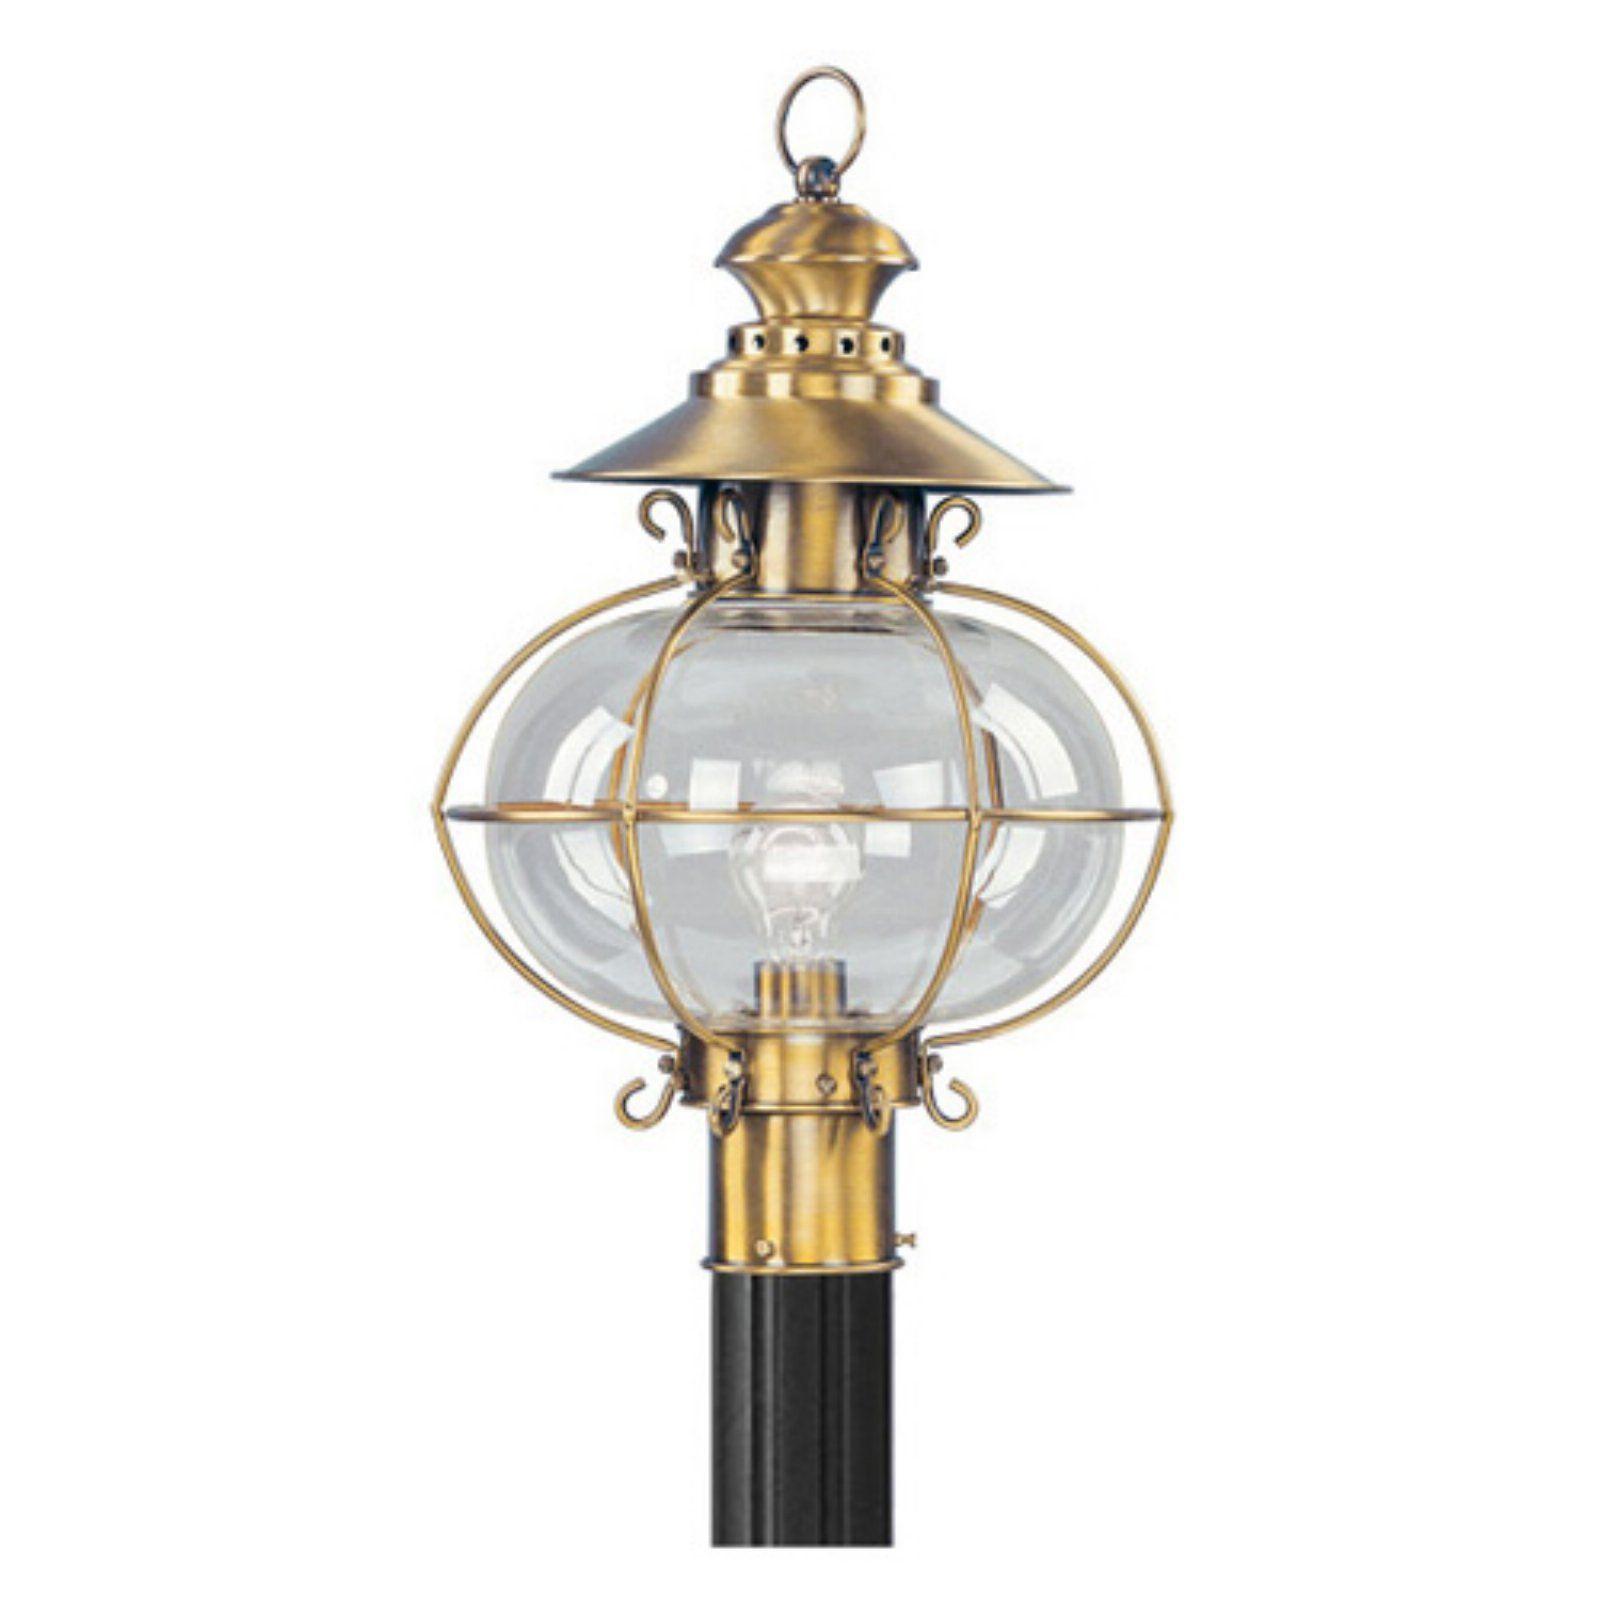 Livex Harbor 2226 22 Outdoor Post Head Flemish Brass 12 75w In Post Mount Lighting Post Lights Livex Lighting